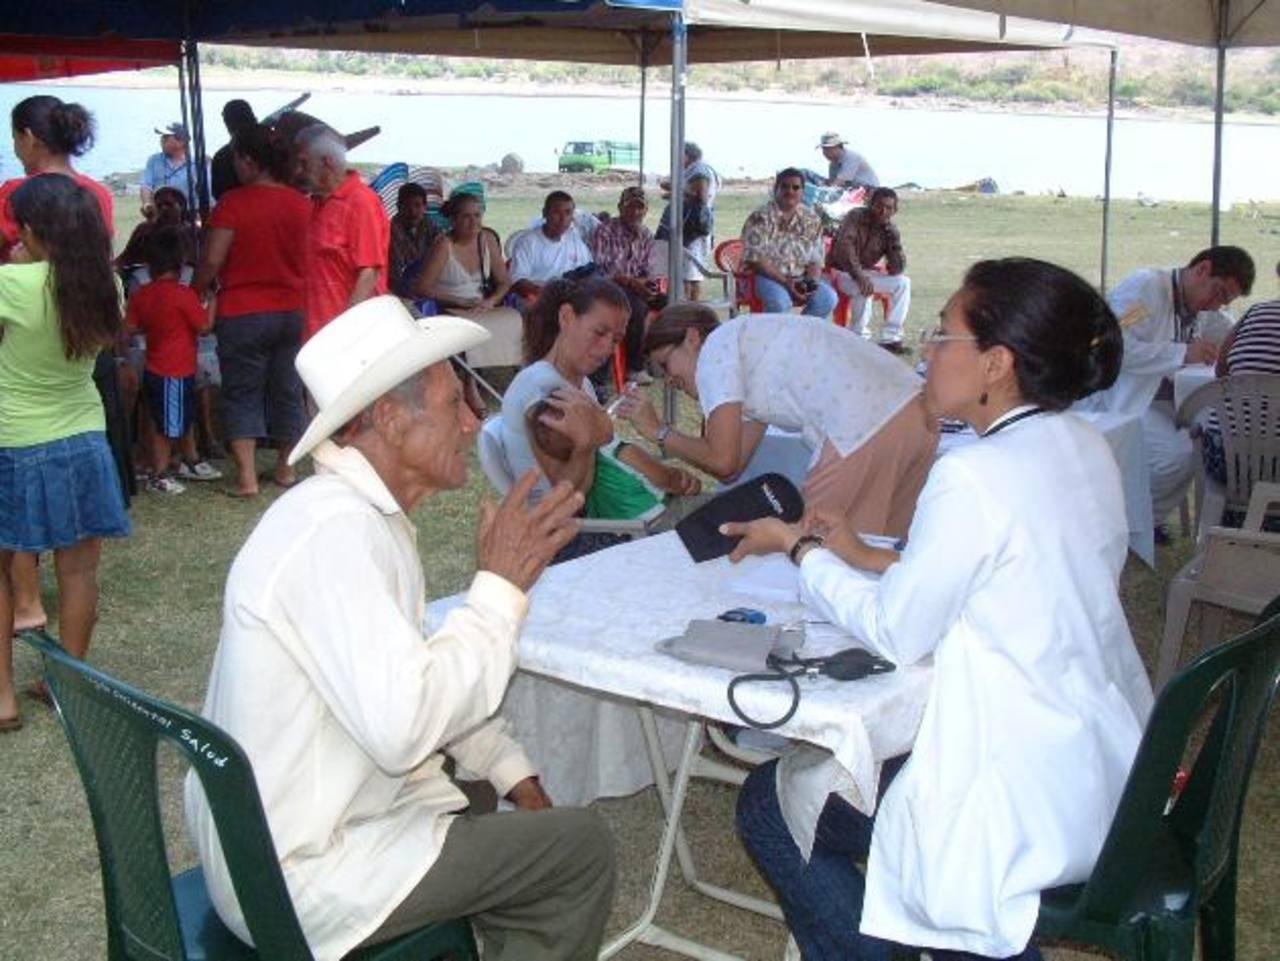 Alba Médica podrá realizar campañas de salud en la zona rural, entre otros servicios. FOTO EDH /ARCHIVO